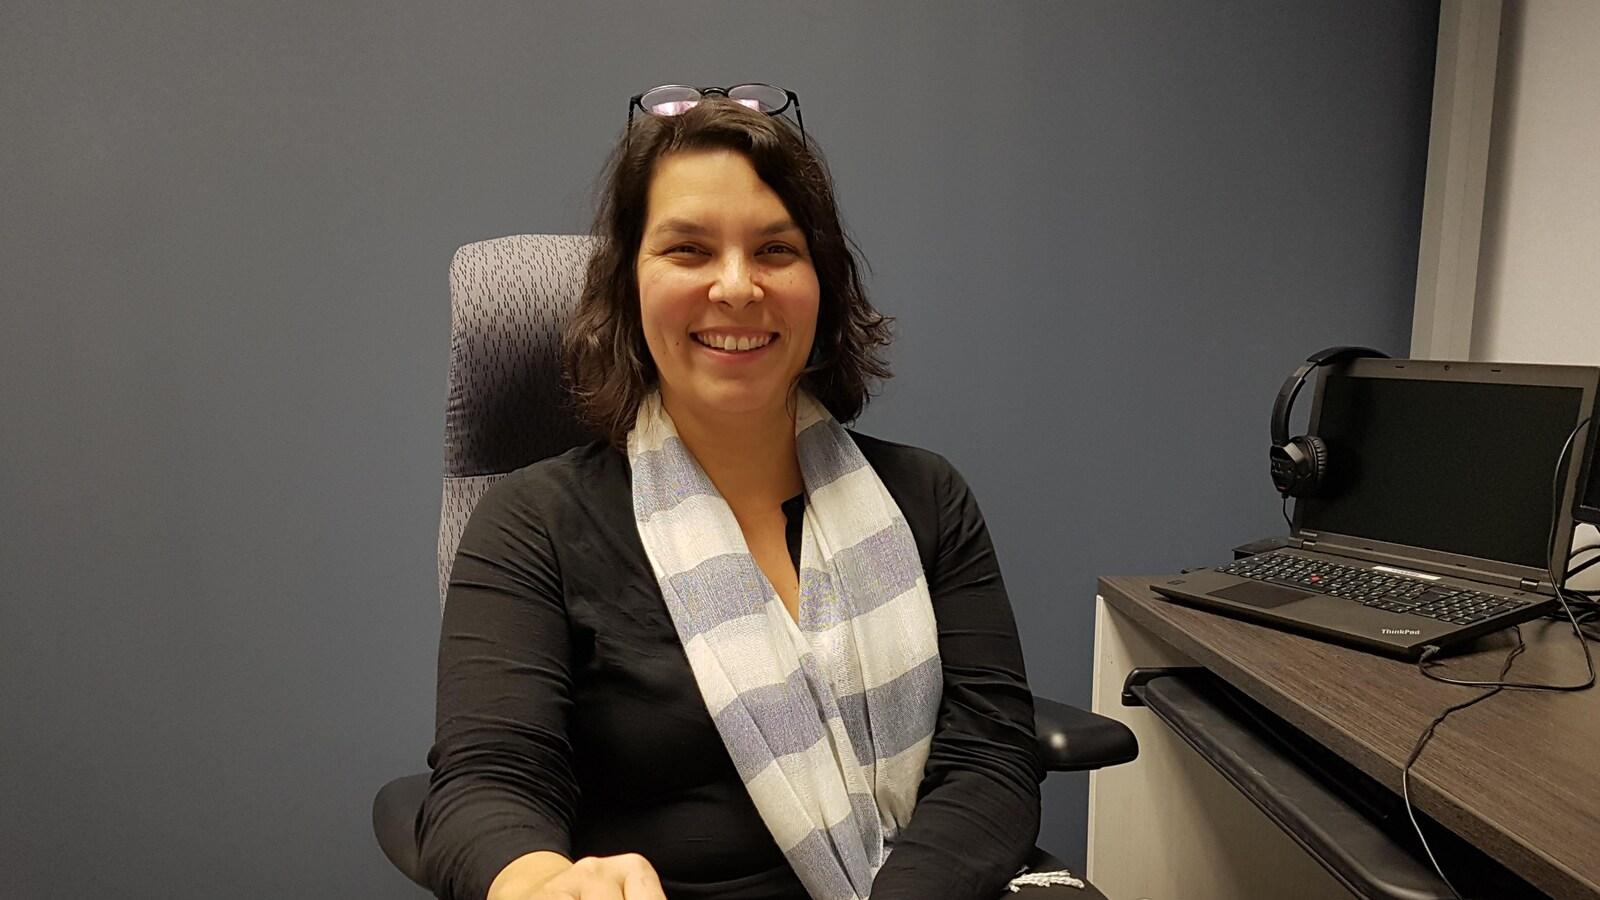 Assise à un bureau, Mme Mollen Dupuis sourit à la caméra.